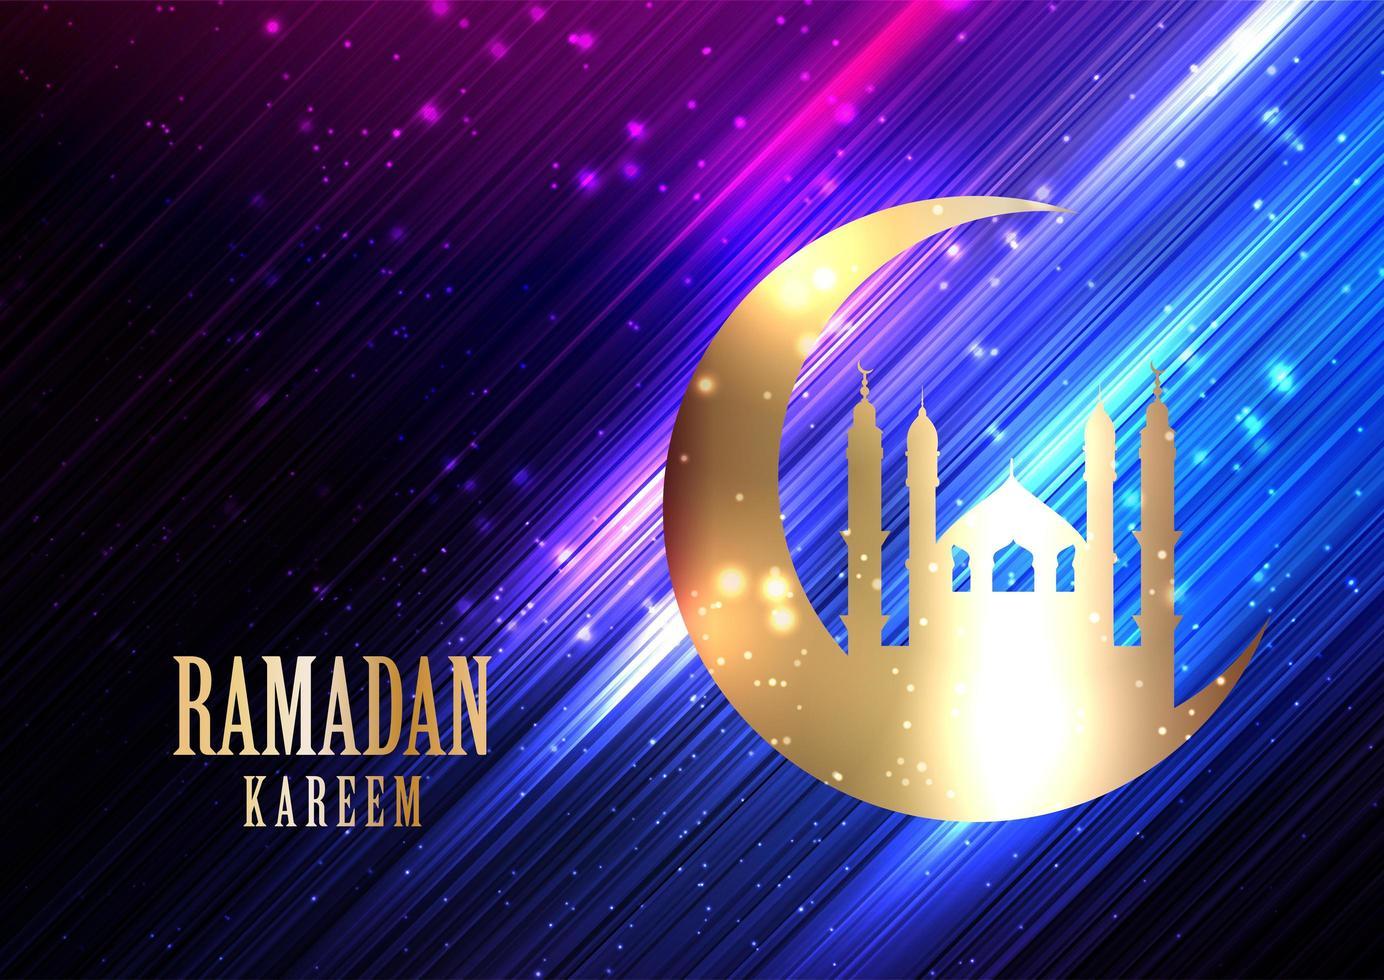 Fondo de Ramadán Kareem con luces brillantes vector